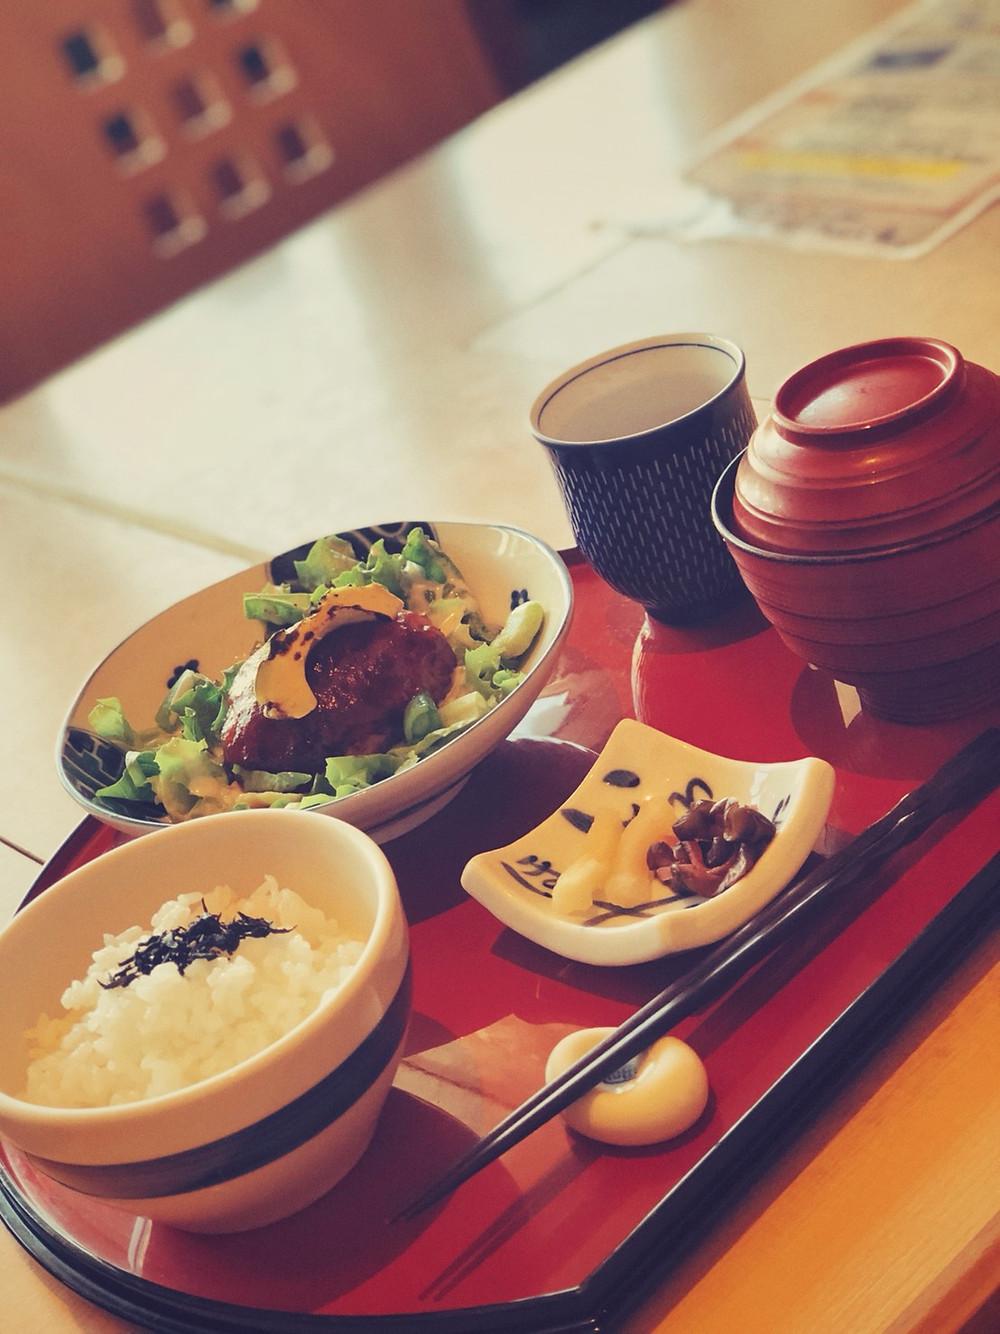 豆腐ハンバーグ・豆腐・豆腐アイス・ソイラテ